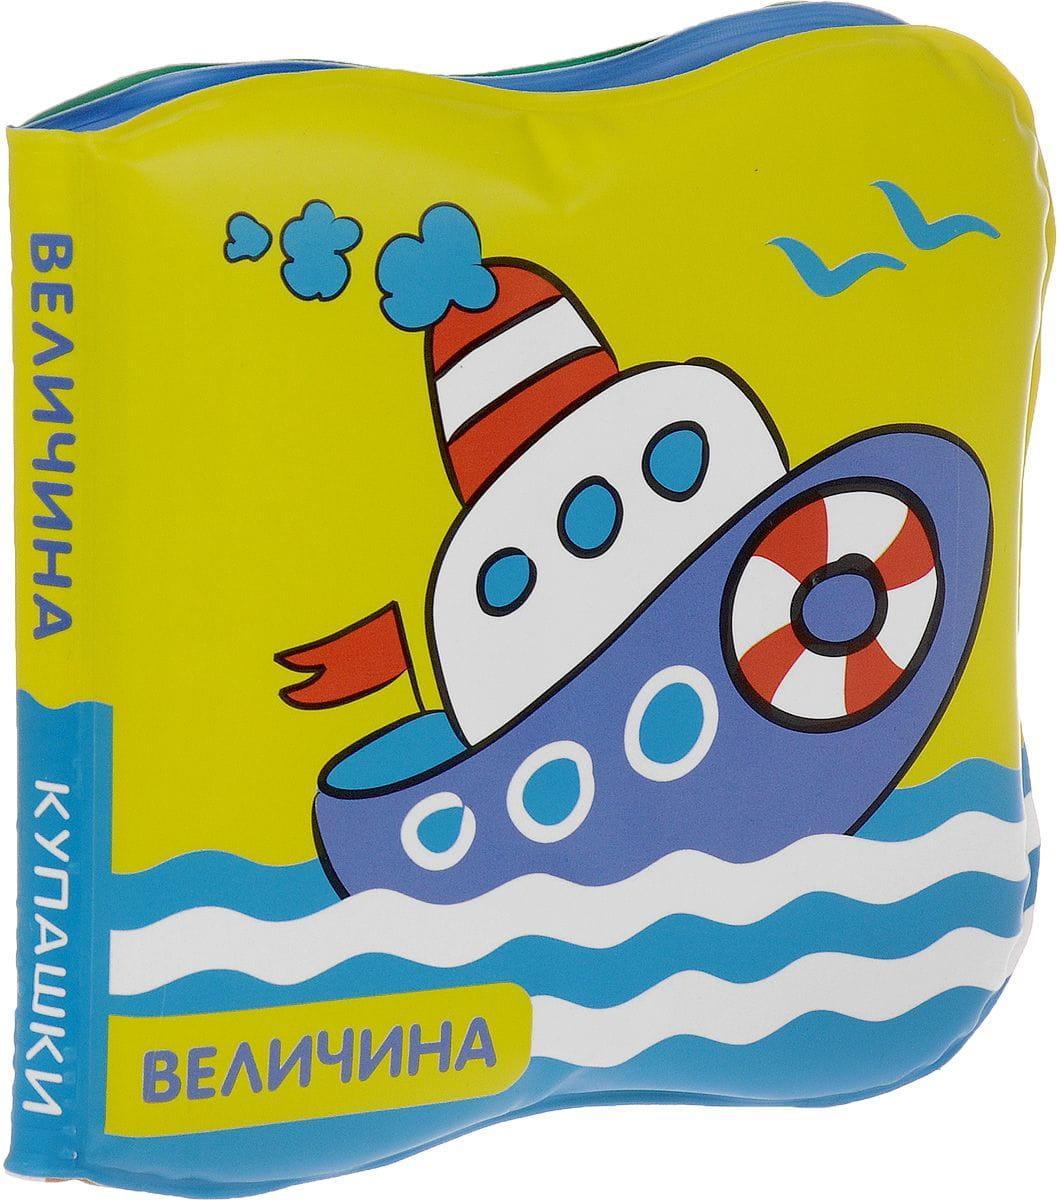 Развивающая книга для купания Мозаика-Синтез 43150-597-3 Кораблик